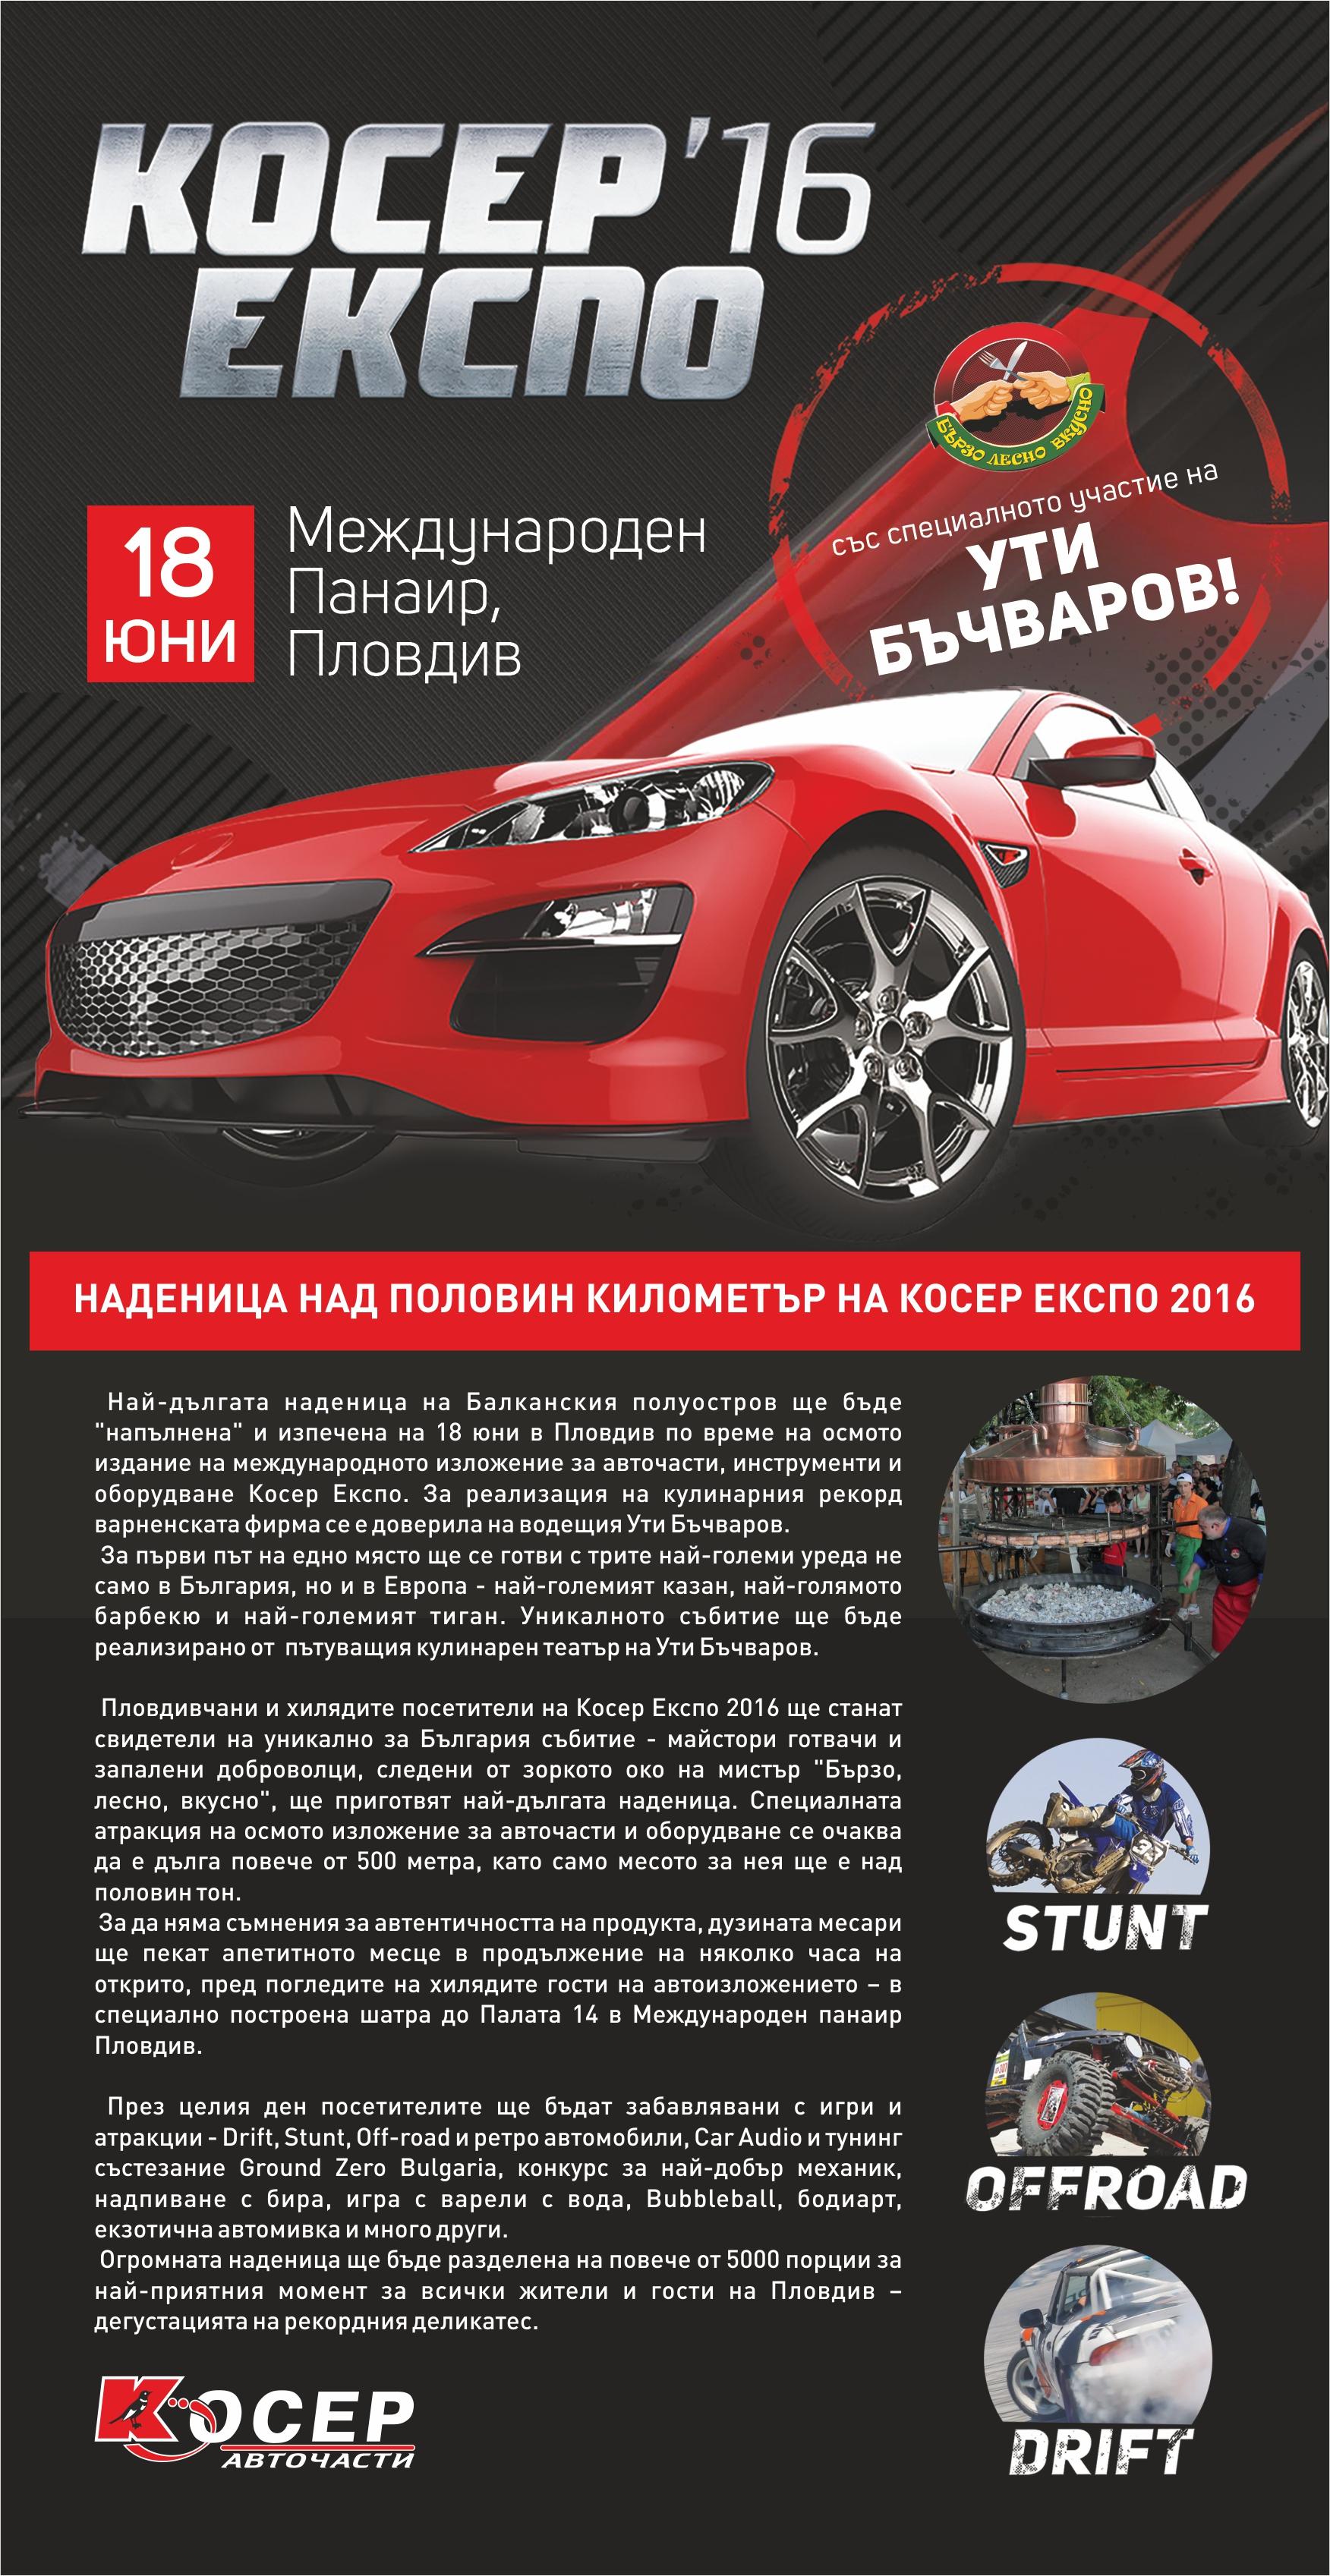 КОСЕР ЕКСПО 2016 / KOSSER EXPO 2016